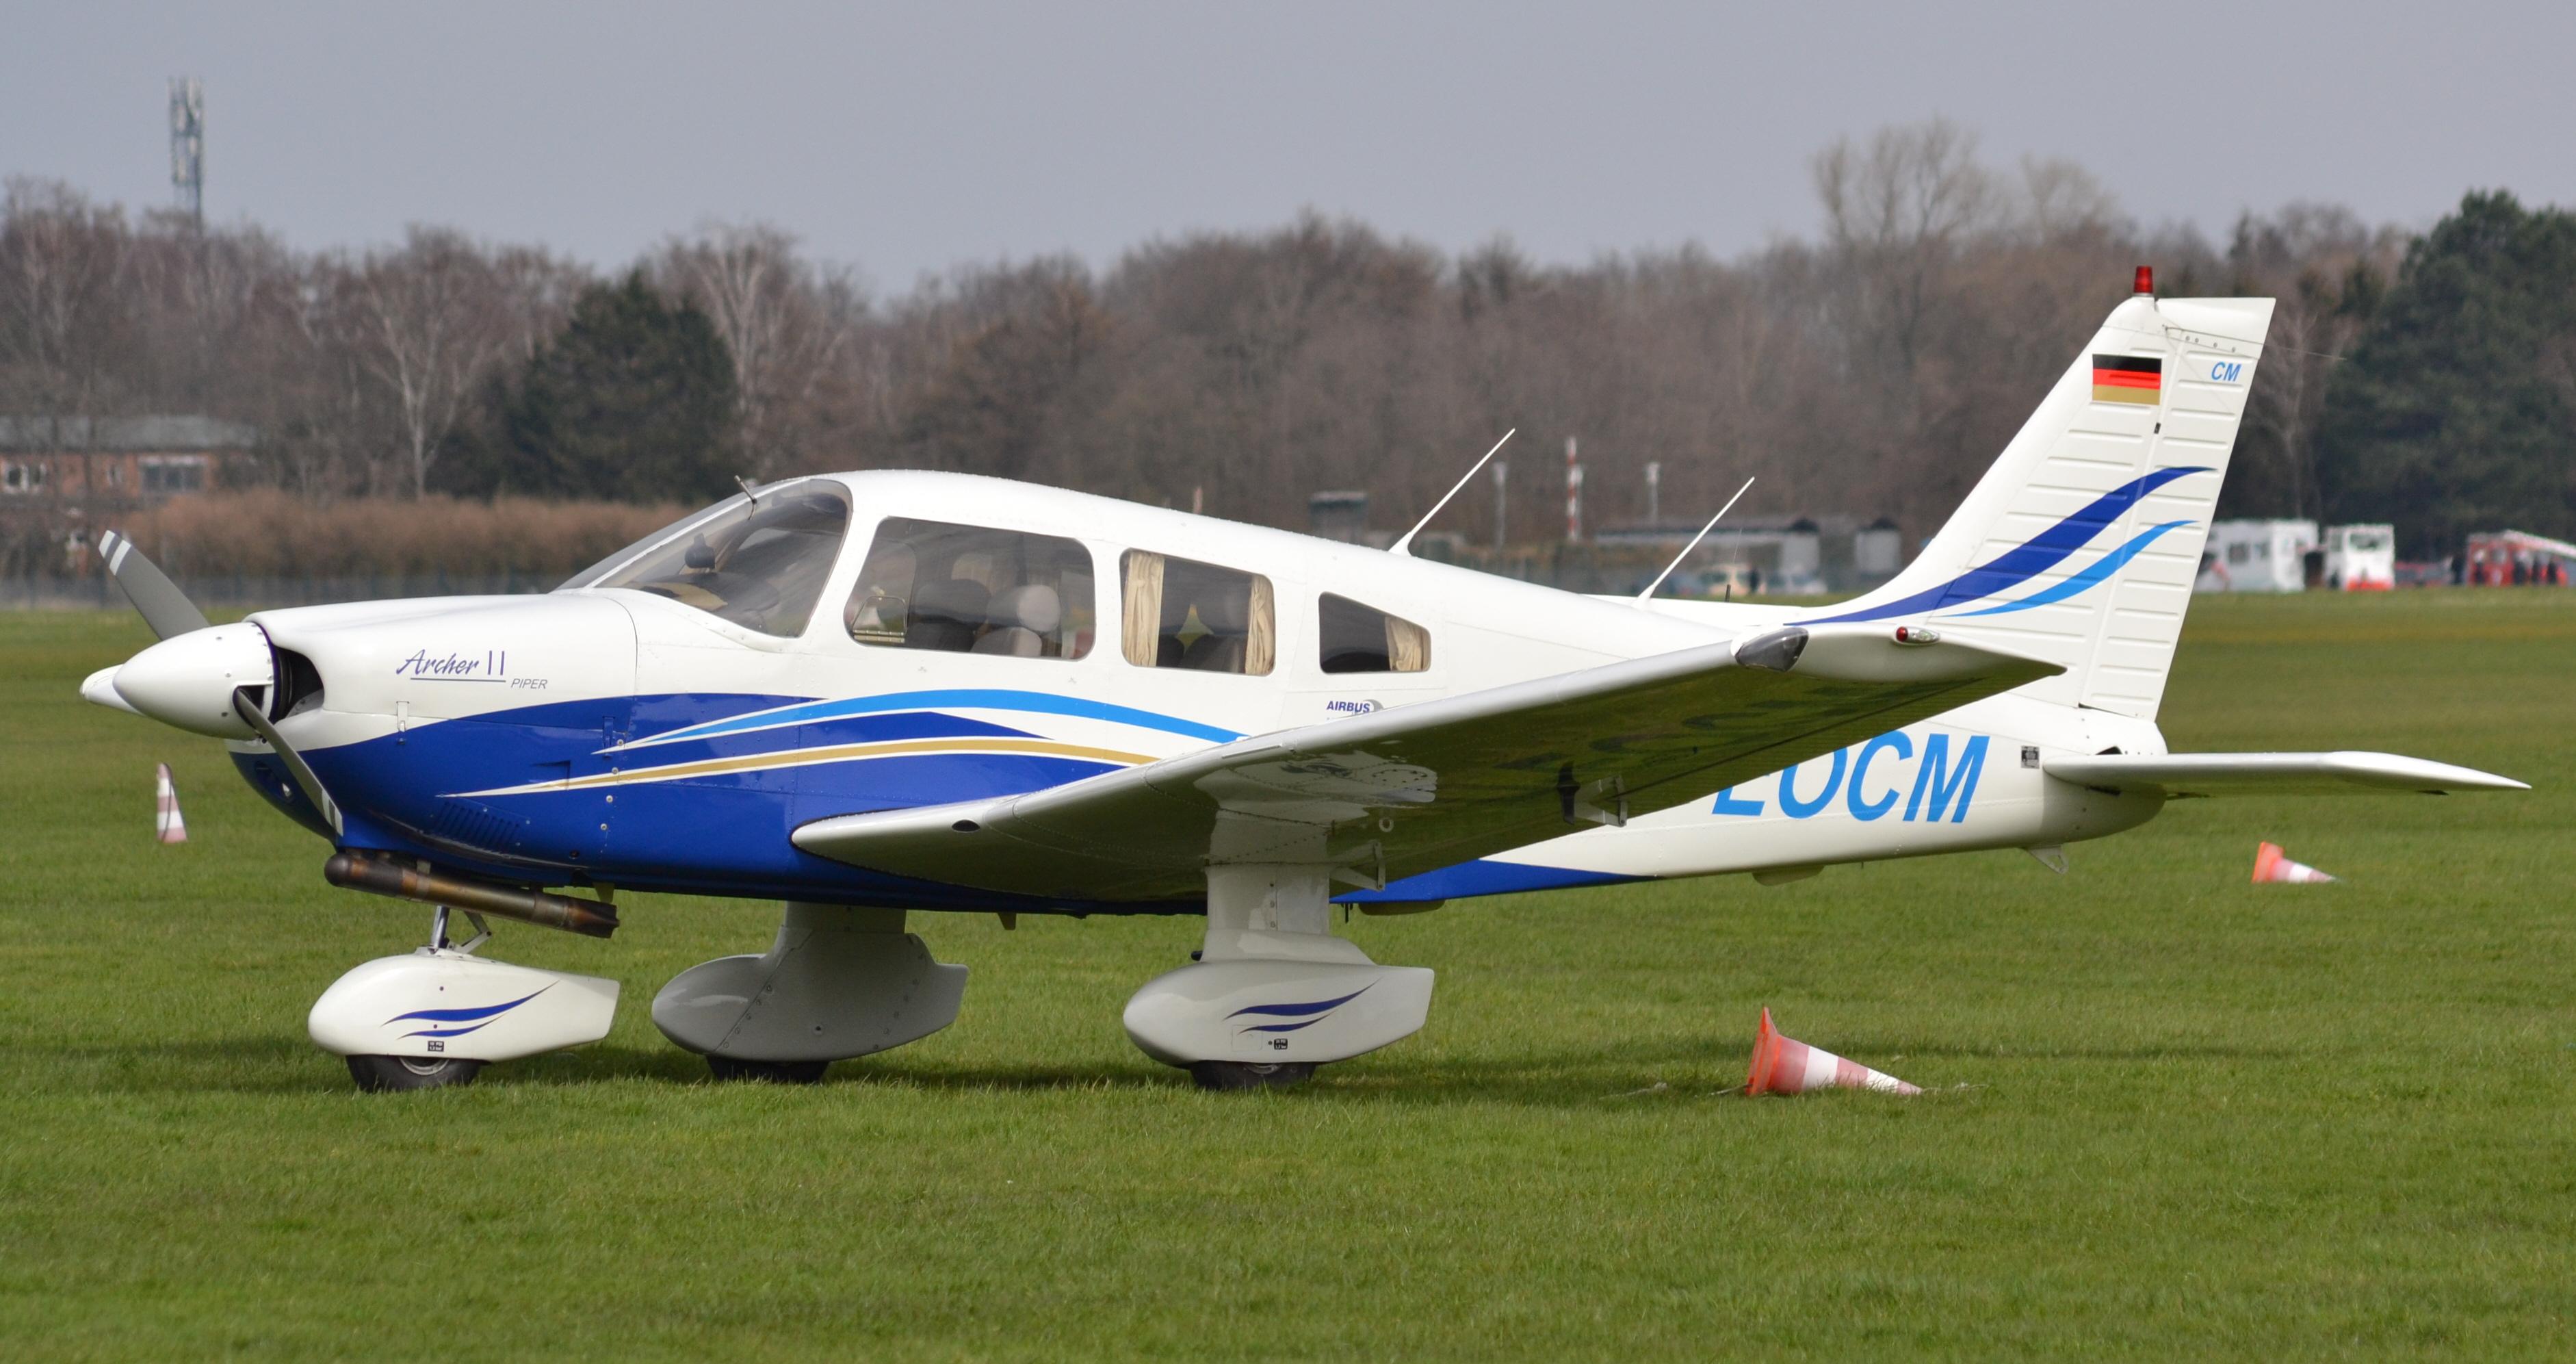 Piper_PA-28-181_Archer_II_(D-EOCM)_02